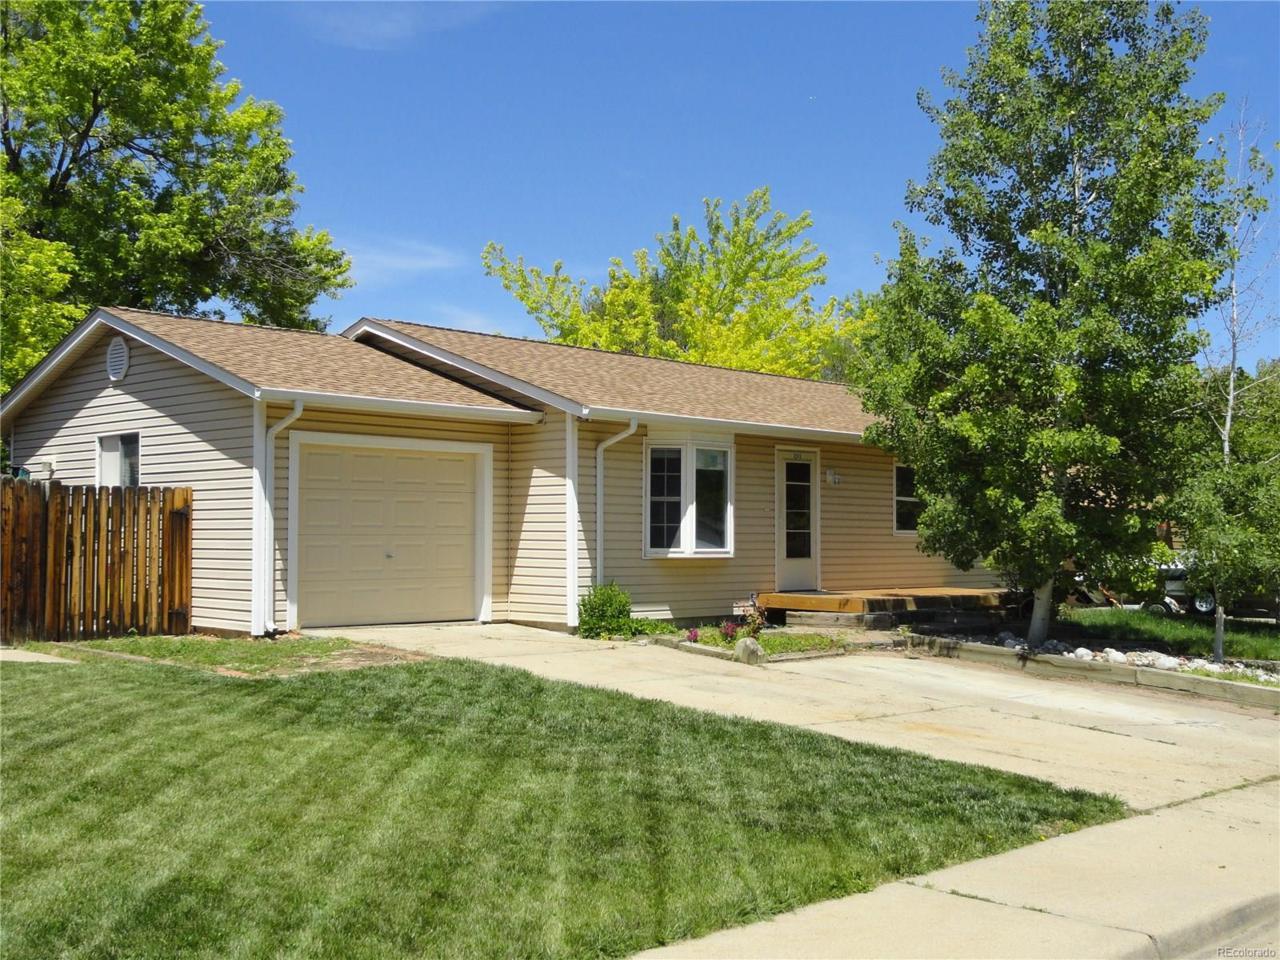 3243 W 133rd Avenue, Broomfield, CO 80020 (MLS #2264758) :: 8z Real Estate